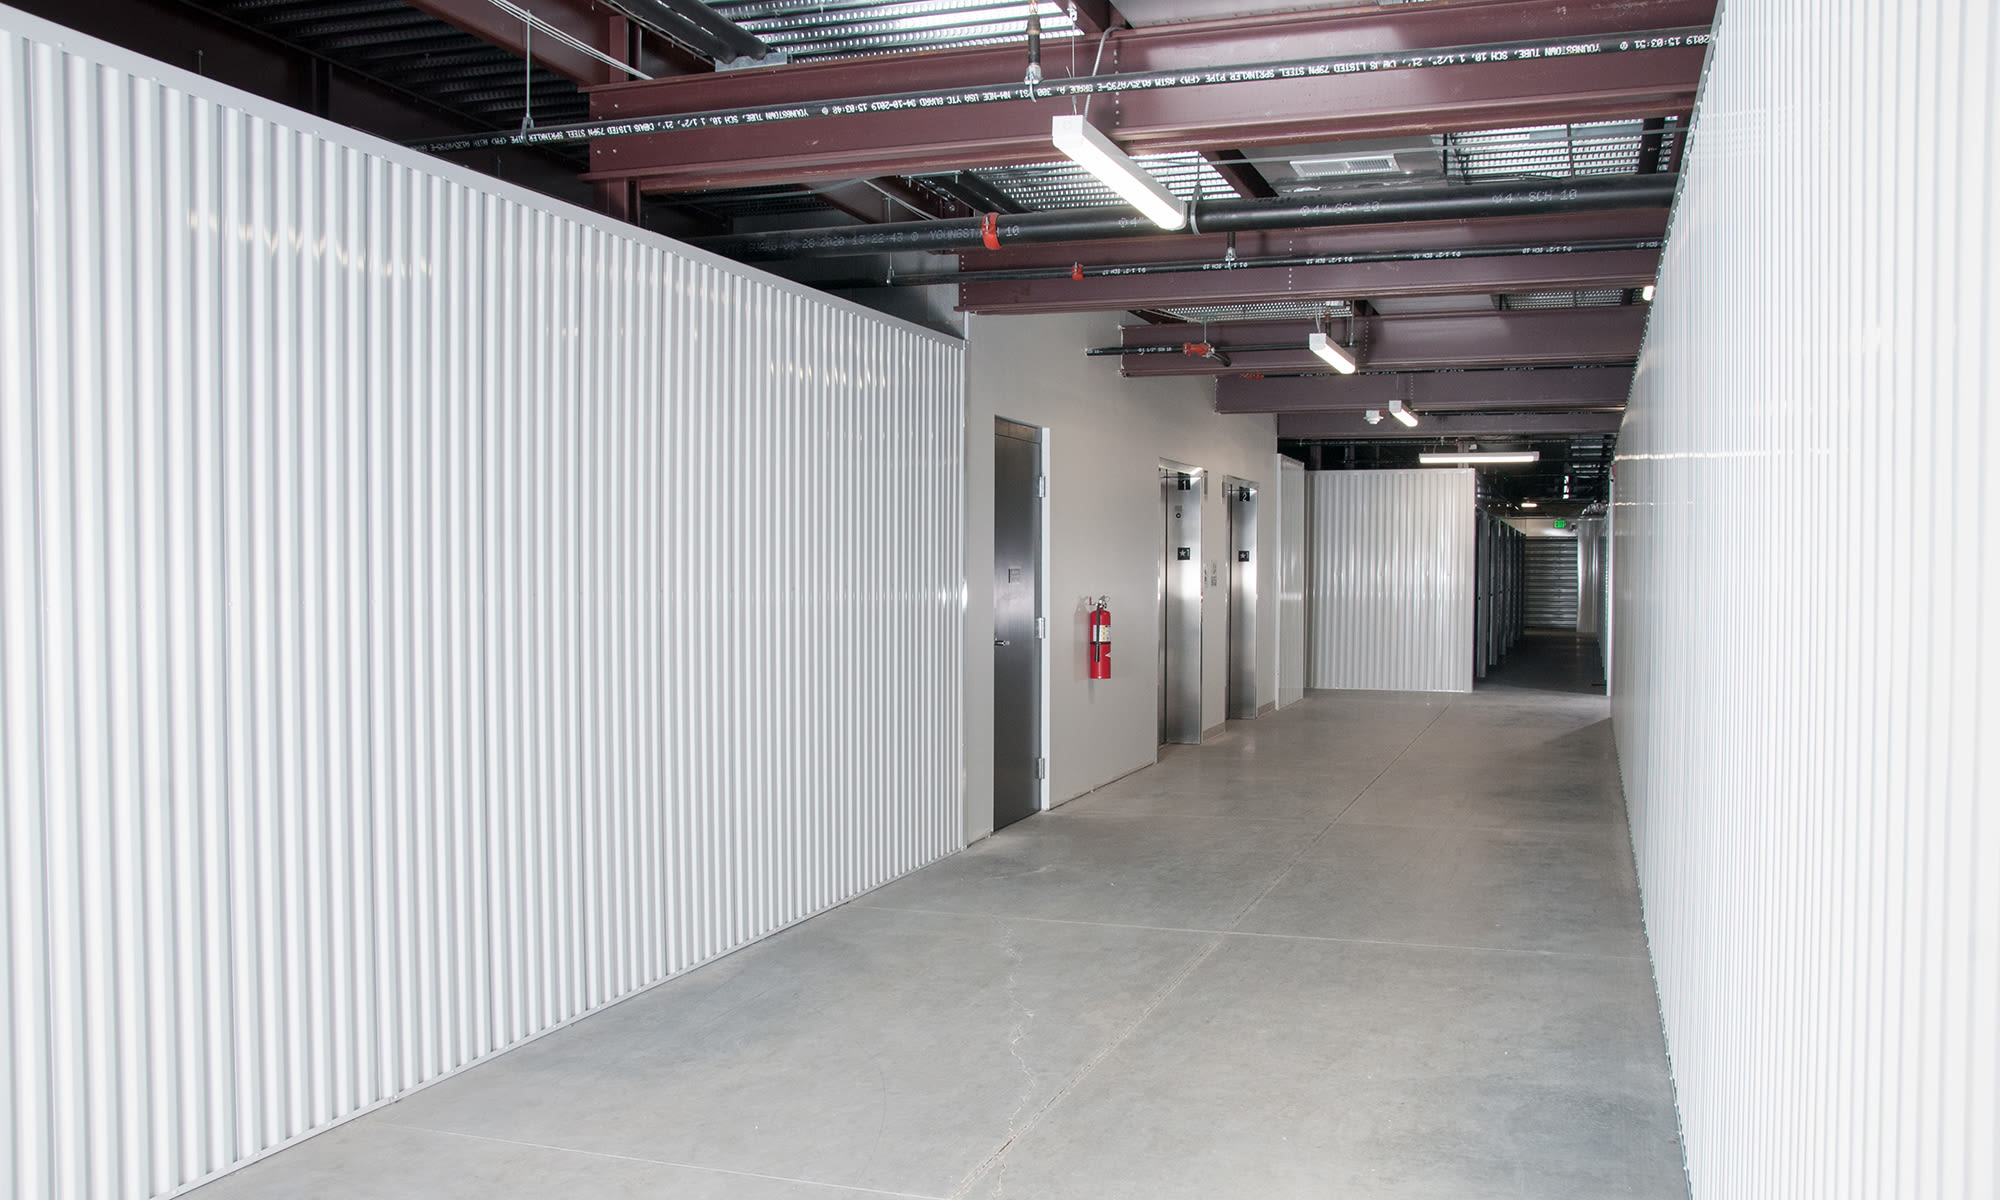 Wide Hallways at Virginia Varsity Storage in Roanoke, Virginia is located